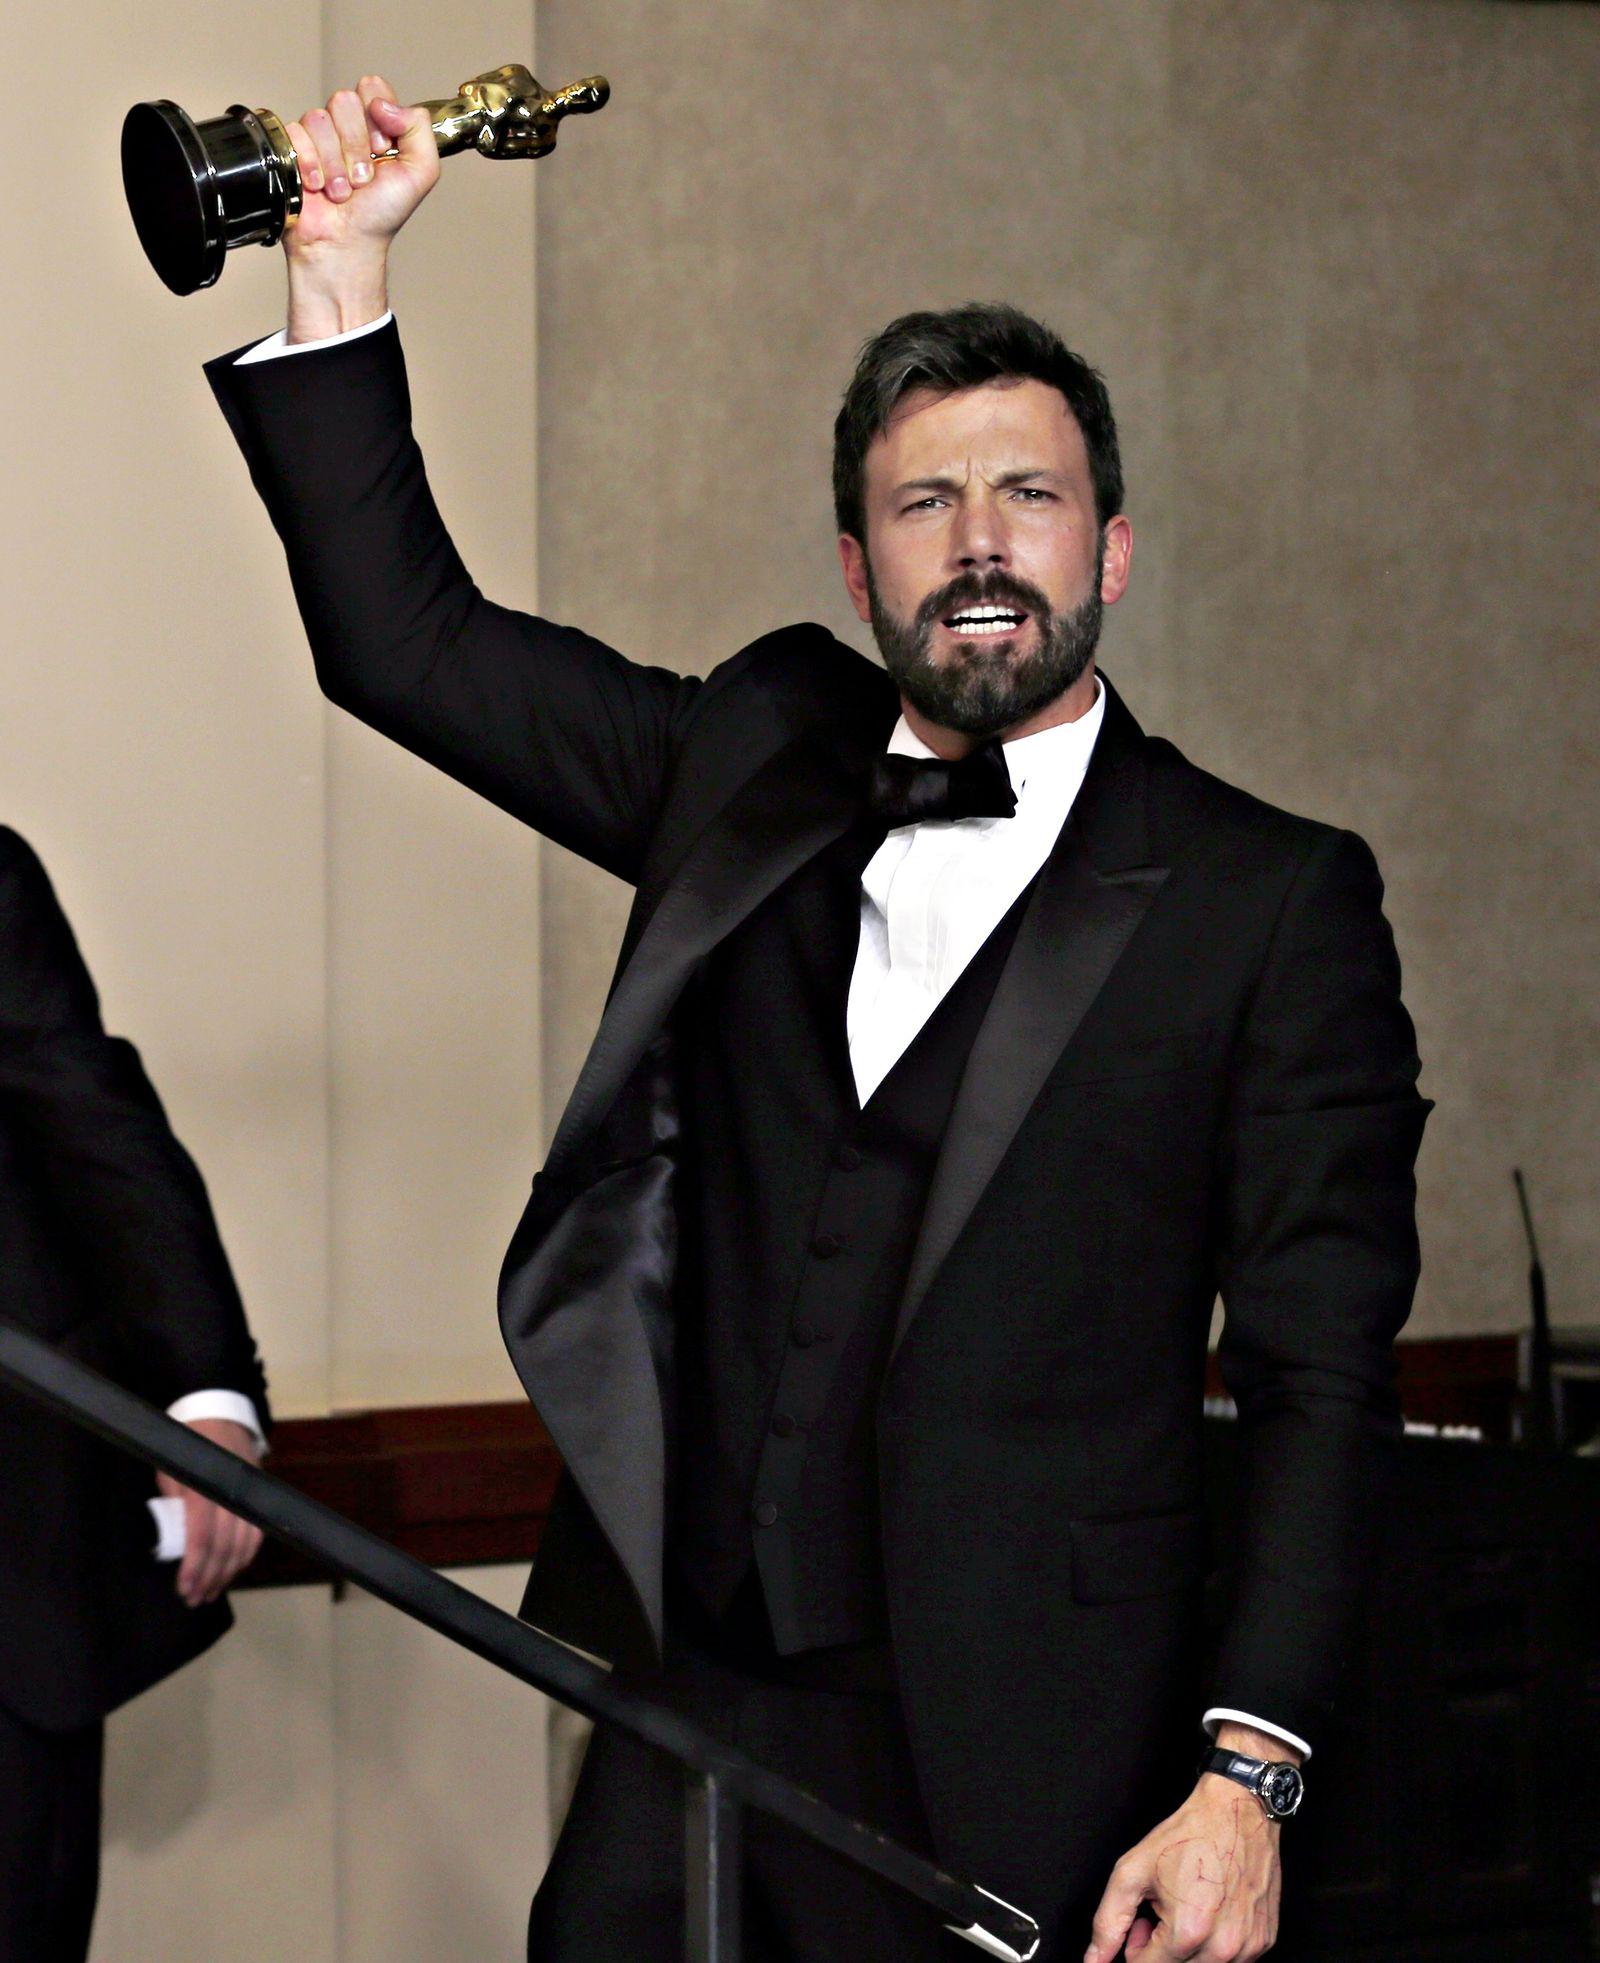 Oscars 2013 / Ben Afleck